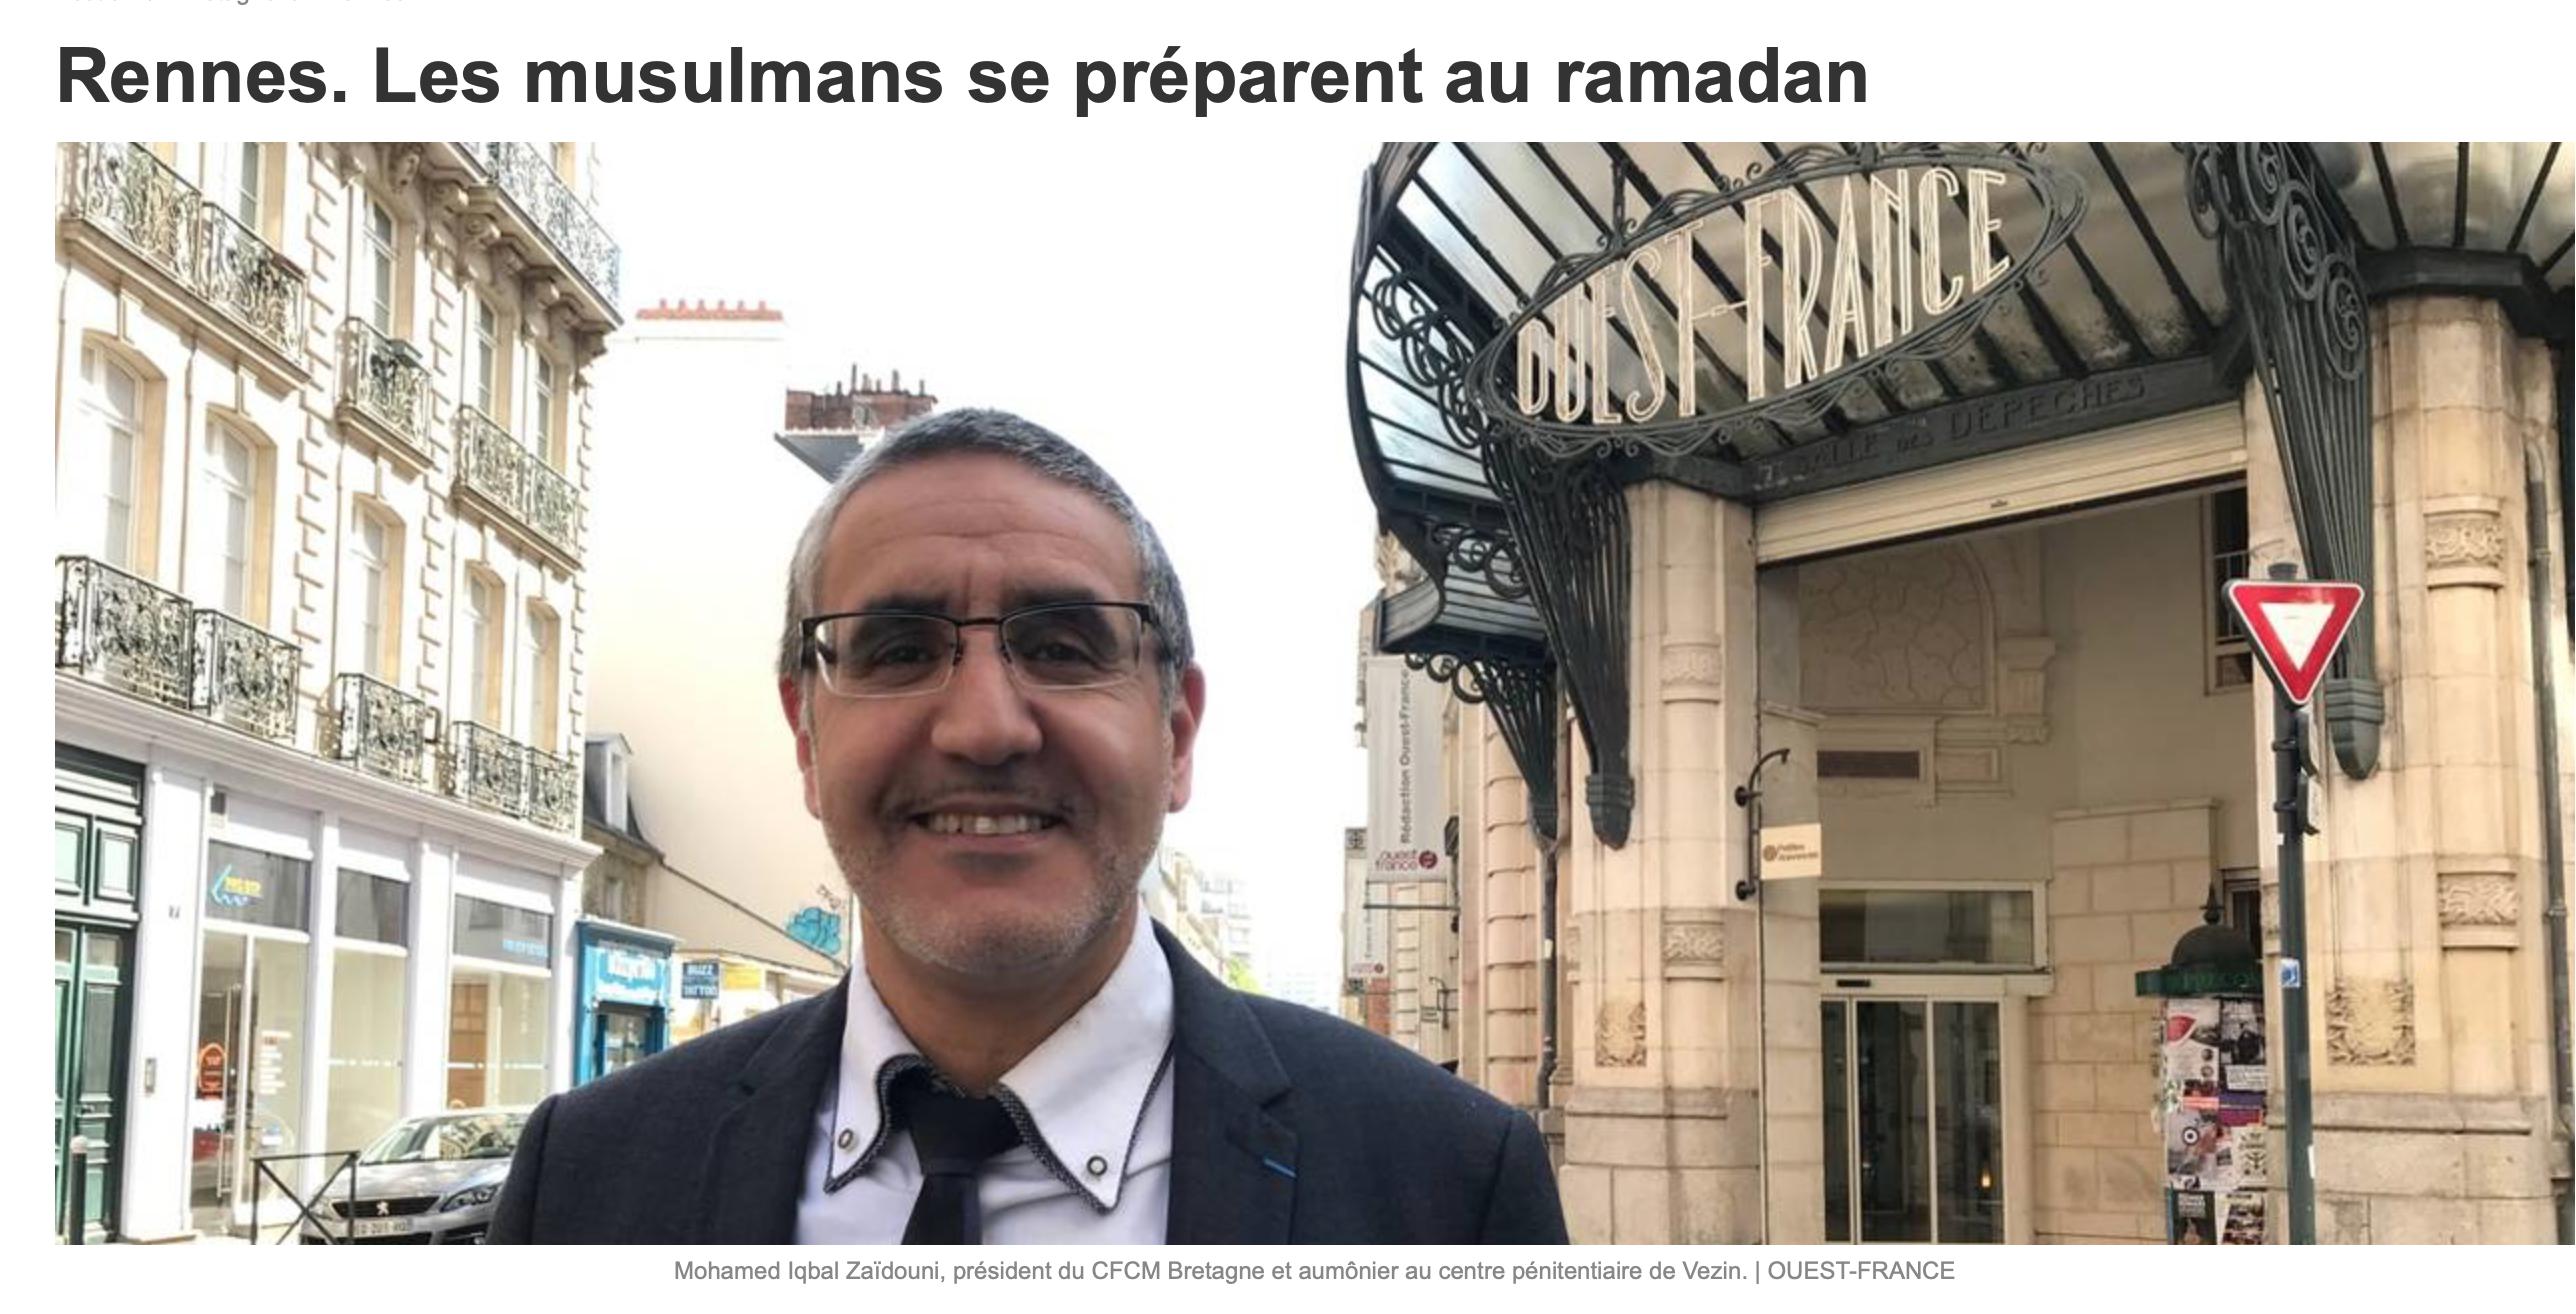 Ouest-France ne sait pas qu'il y a deux fois plus d'attentats et d'agressions musulmanes pendant le ramadan